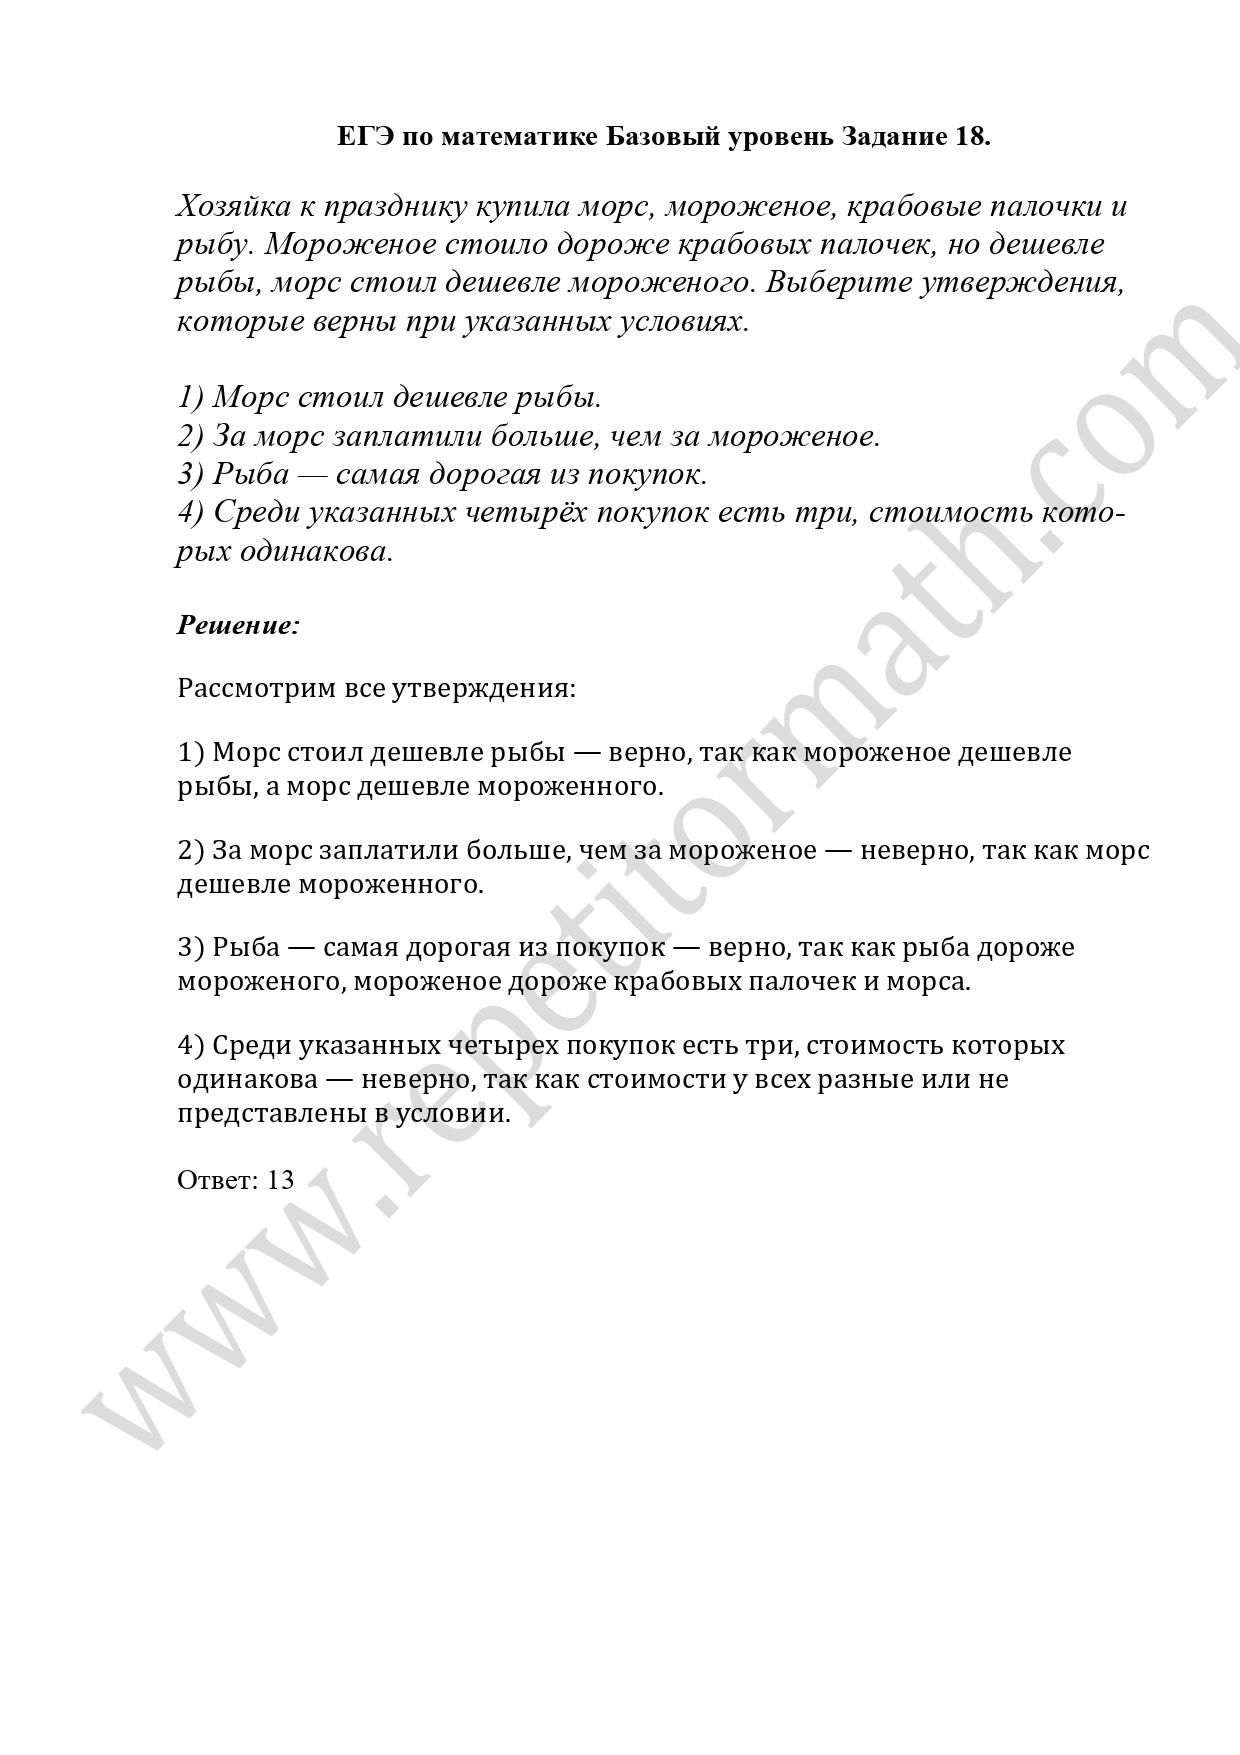 Задание №17 ЕГЭ (базовый уровень)